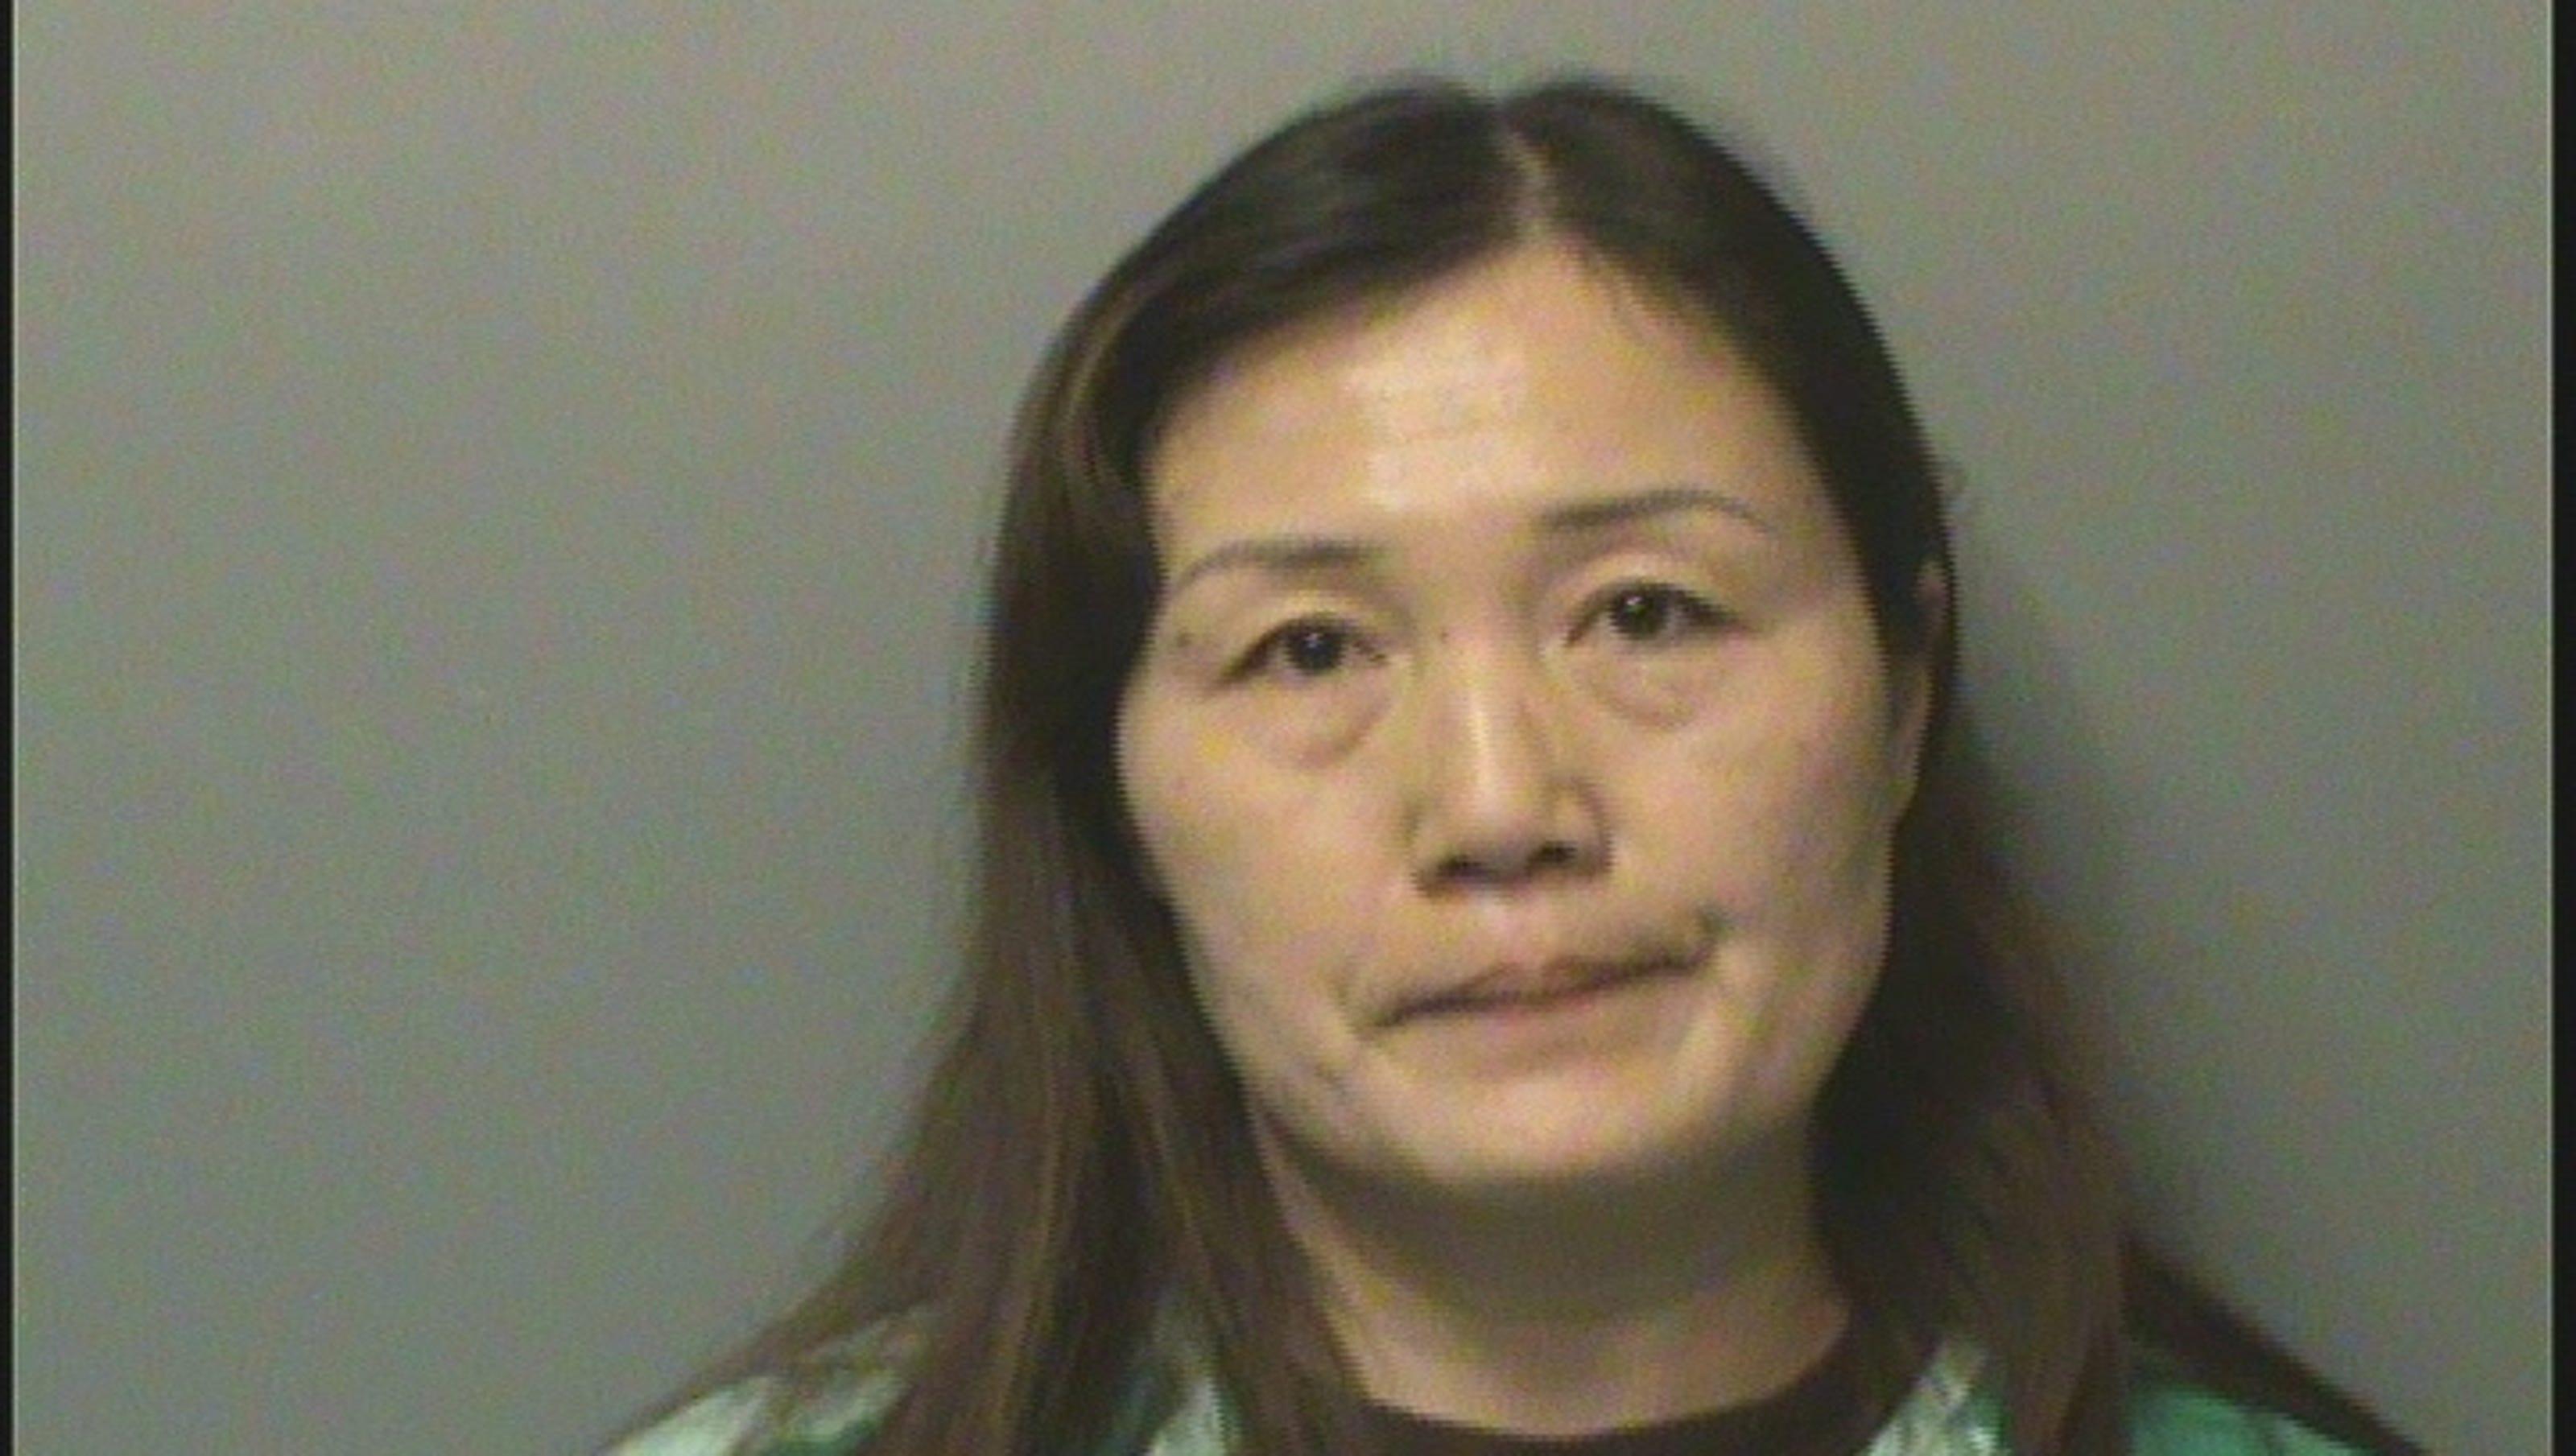 Des Moines Police Arrest Four After Massage Parlor Complaints